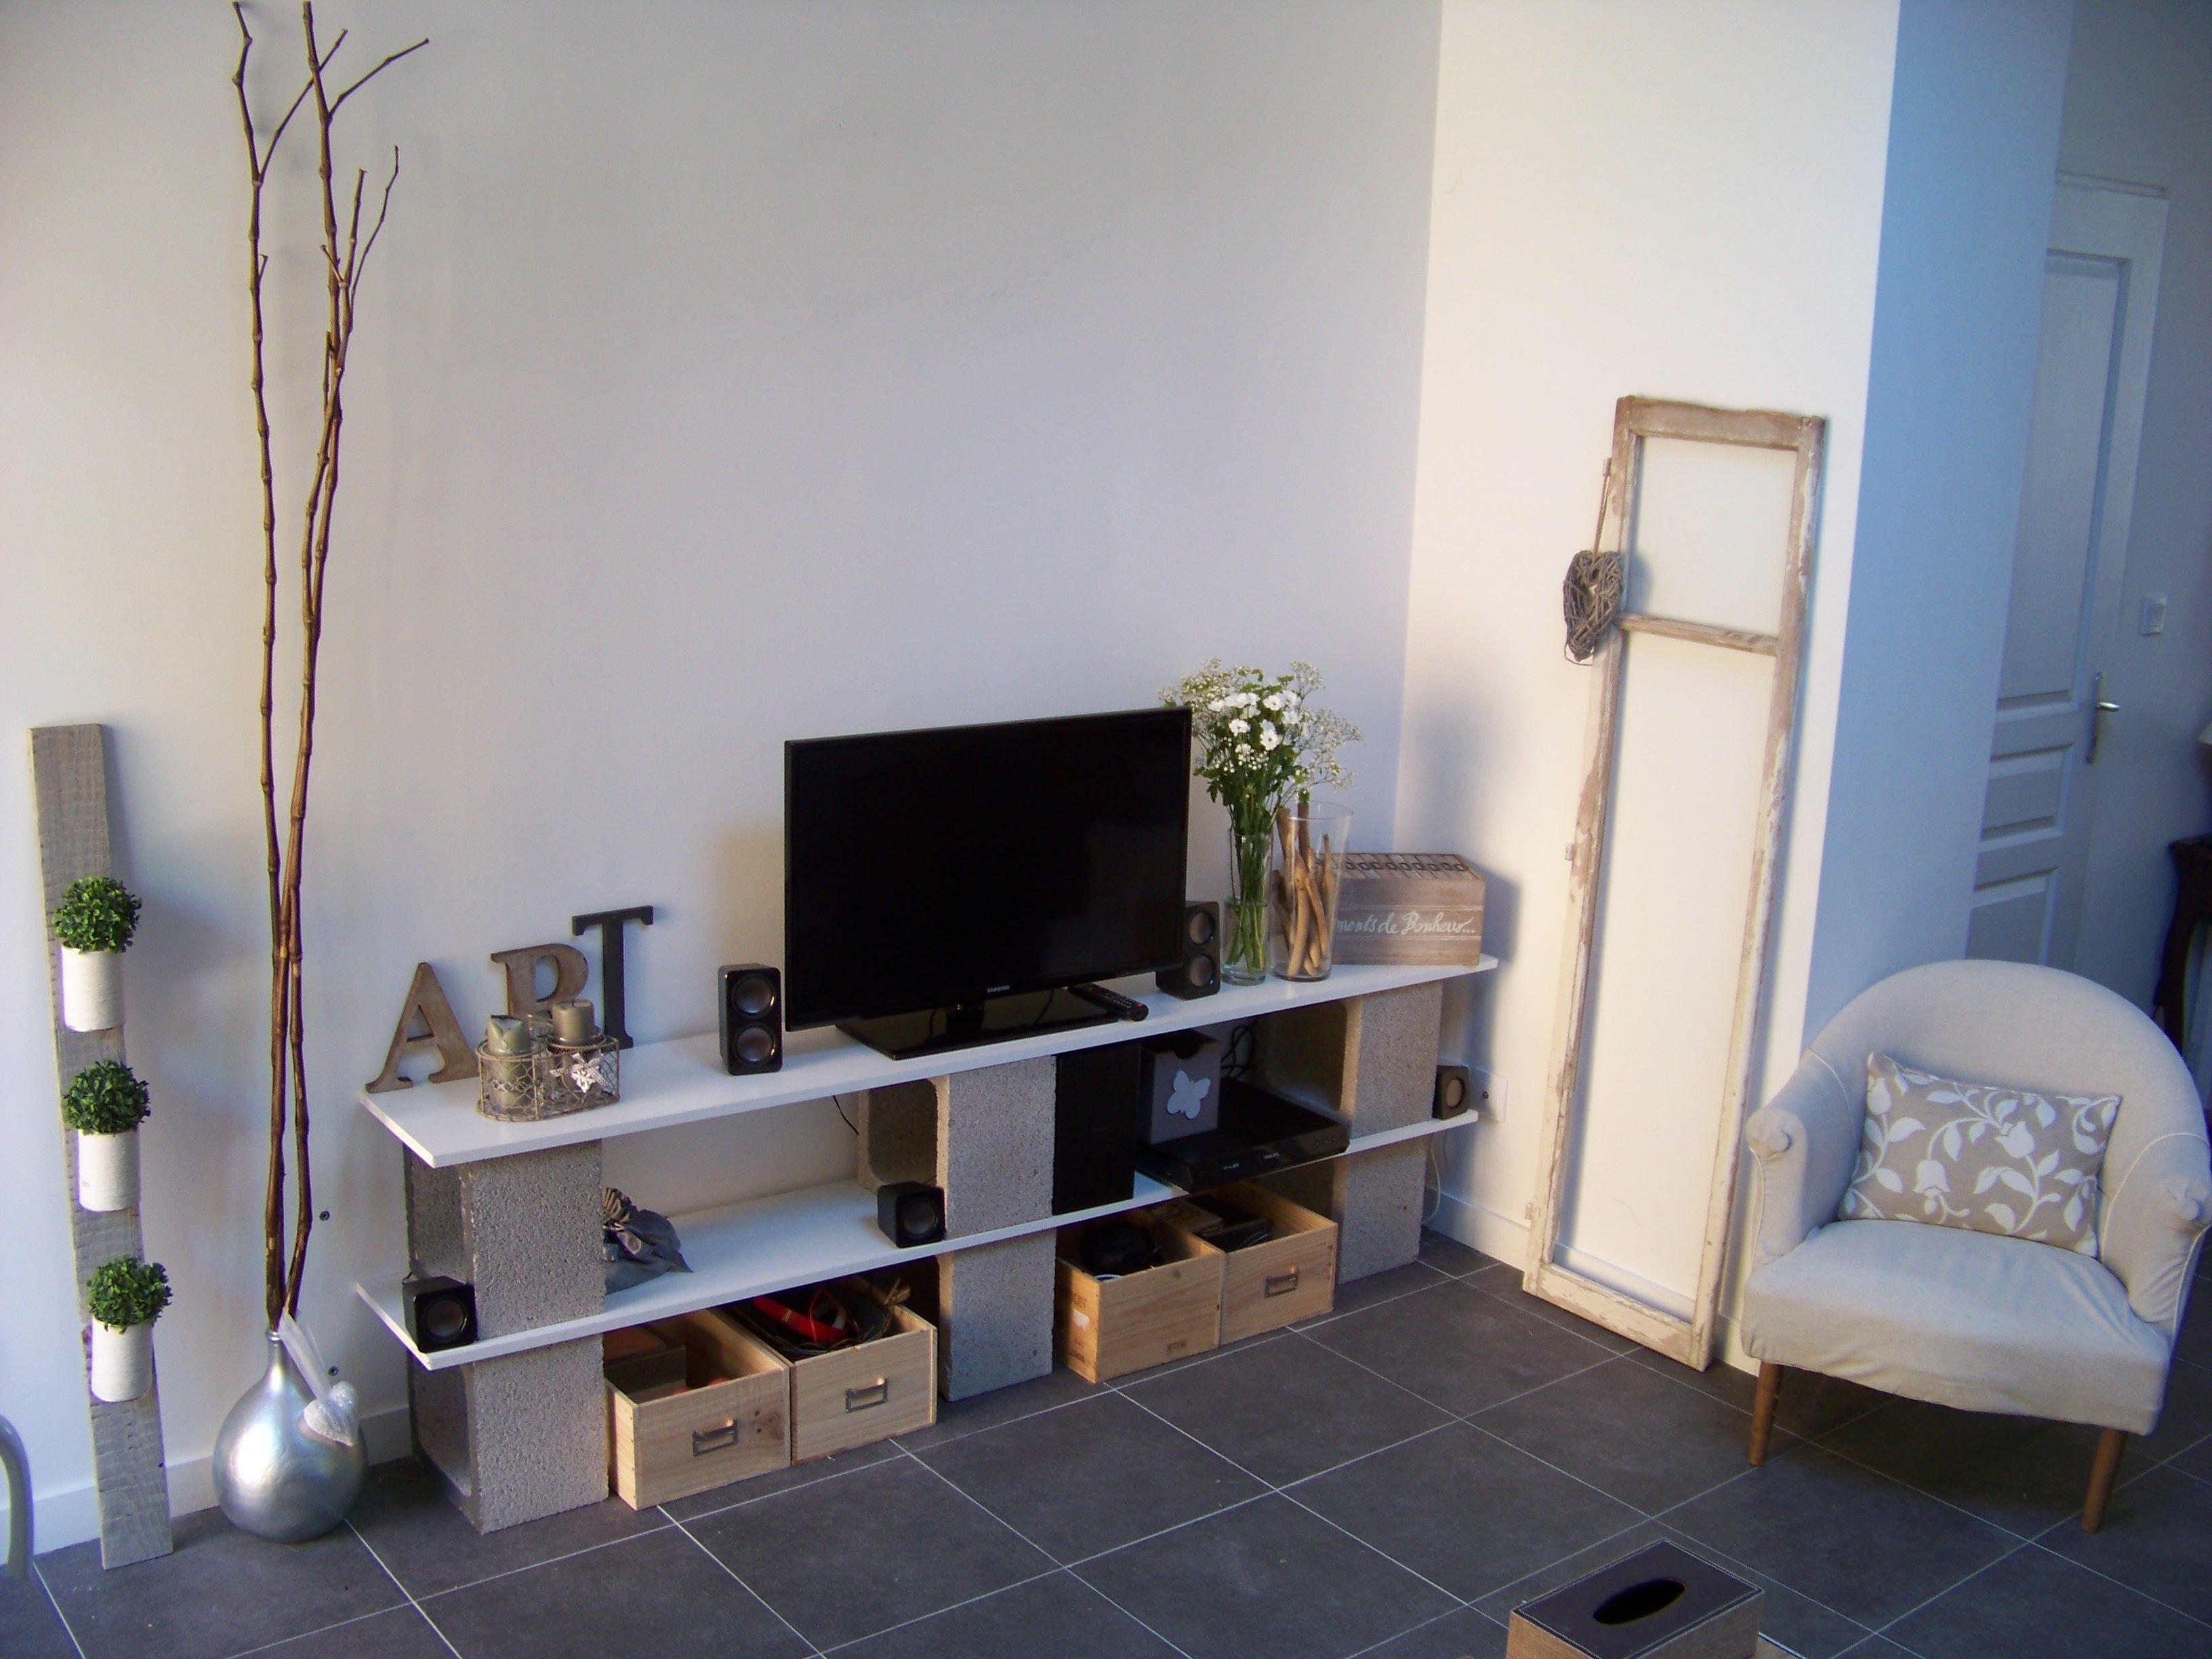 Meuble tele style industriel meuble t l for Meuble a tele